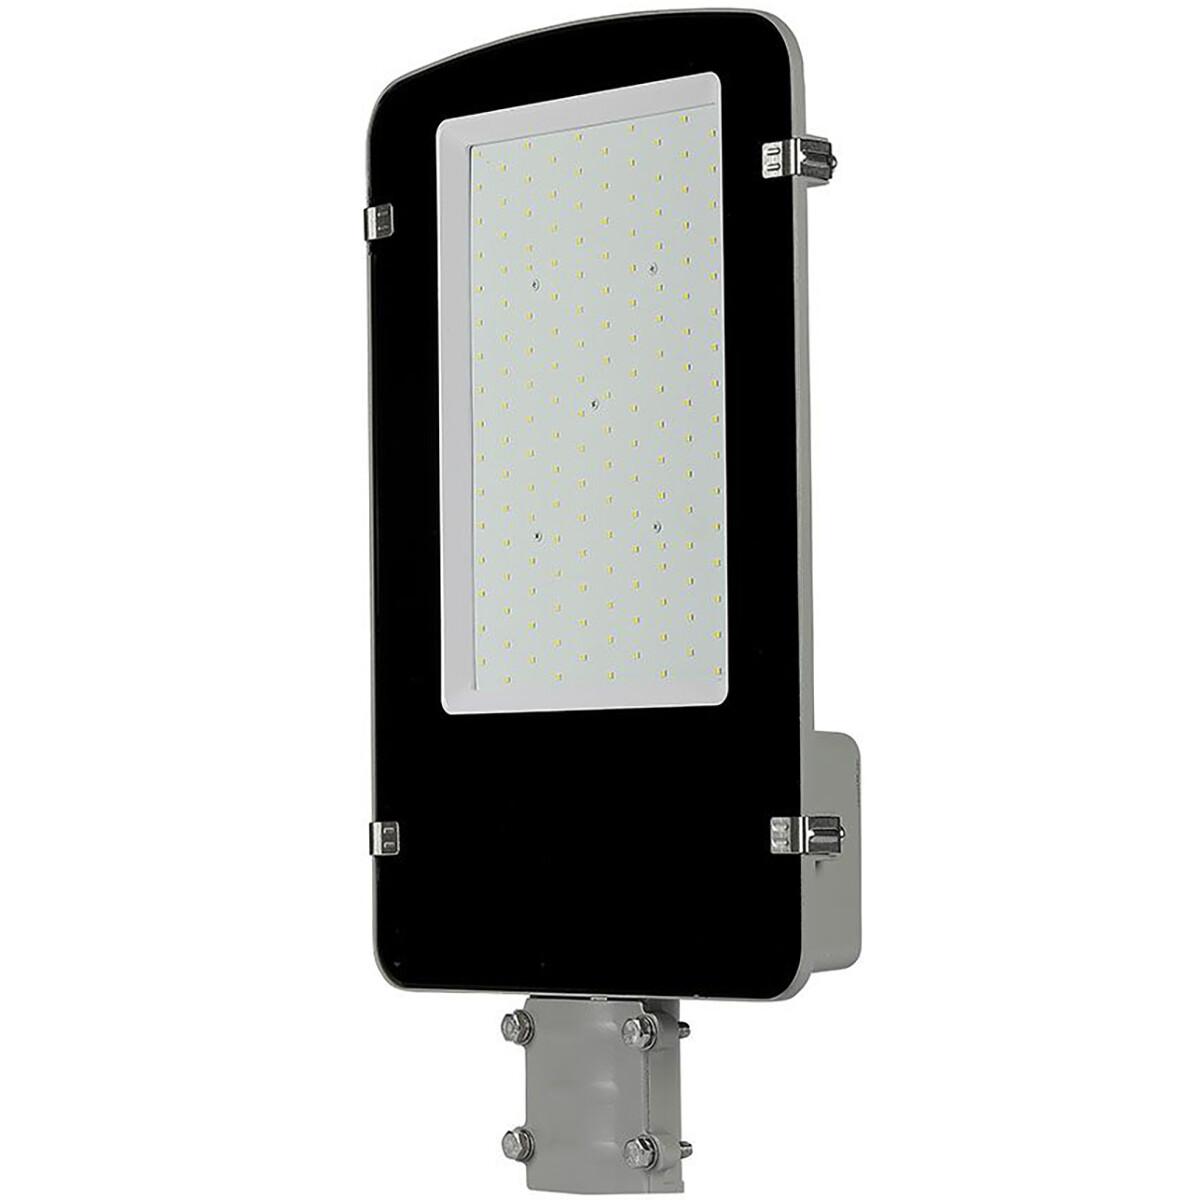 SAMSUNG - LED Straatlamp - Viron Anno - 100W - Natuurlijk Wit 4000K - Waterdicht IP65 - Mat Zwart -